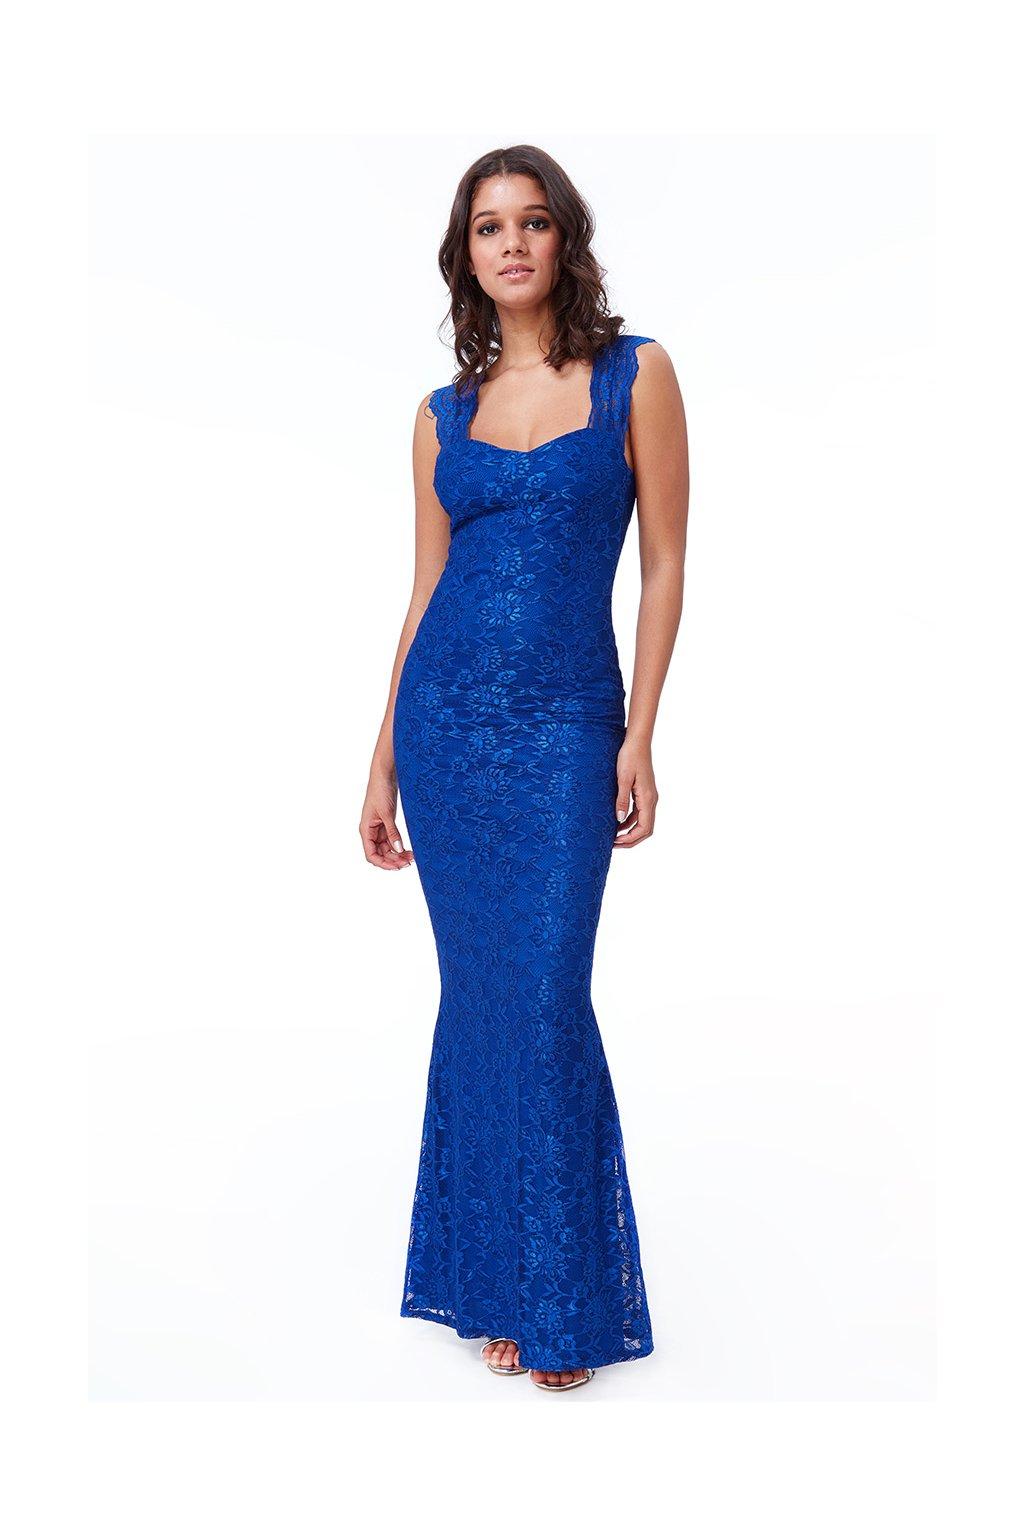 Dlouhé společenské šaty Harmony královská modrá 1